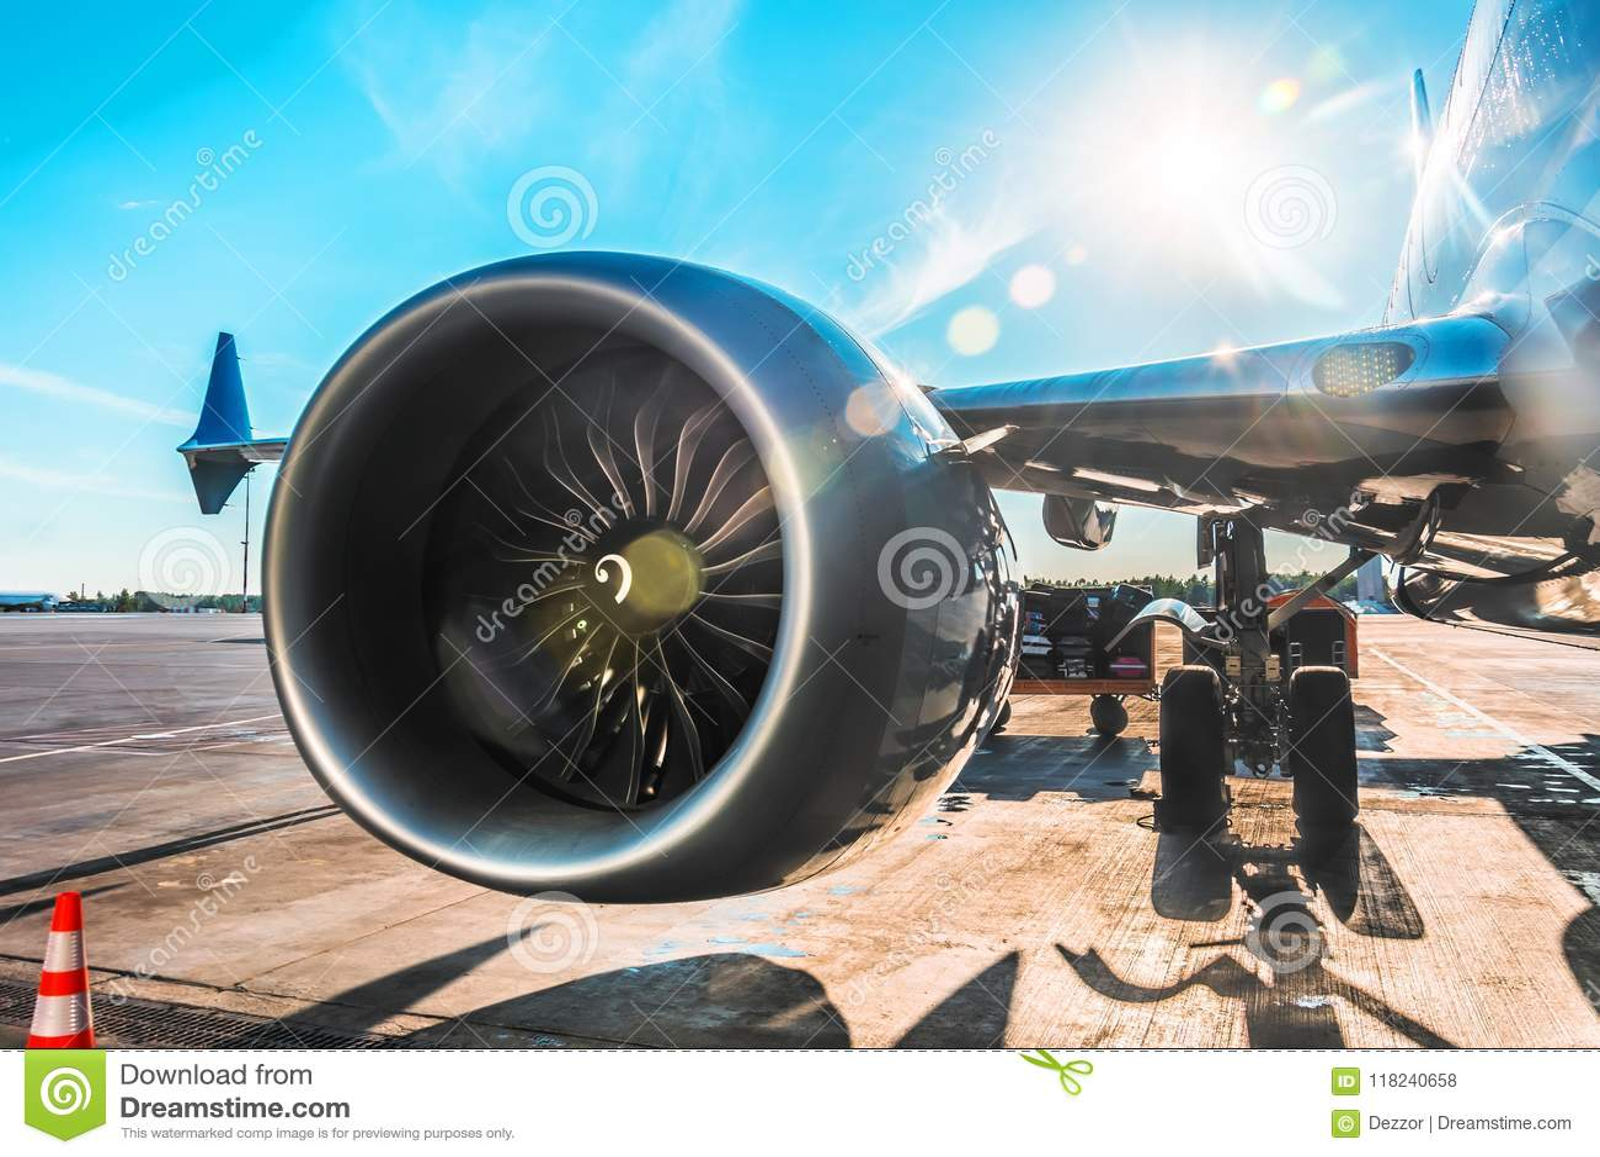 Воздушное судно припарковано на авиапорте перед отклонением, взгляде на крыле двигателя шестерни шкафа шасси, на солнечный день с